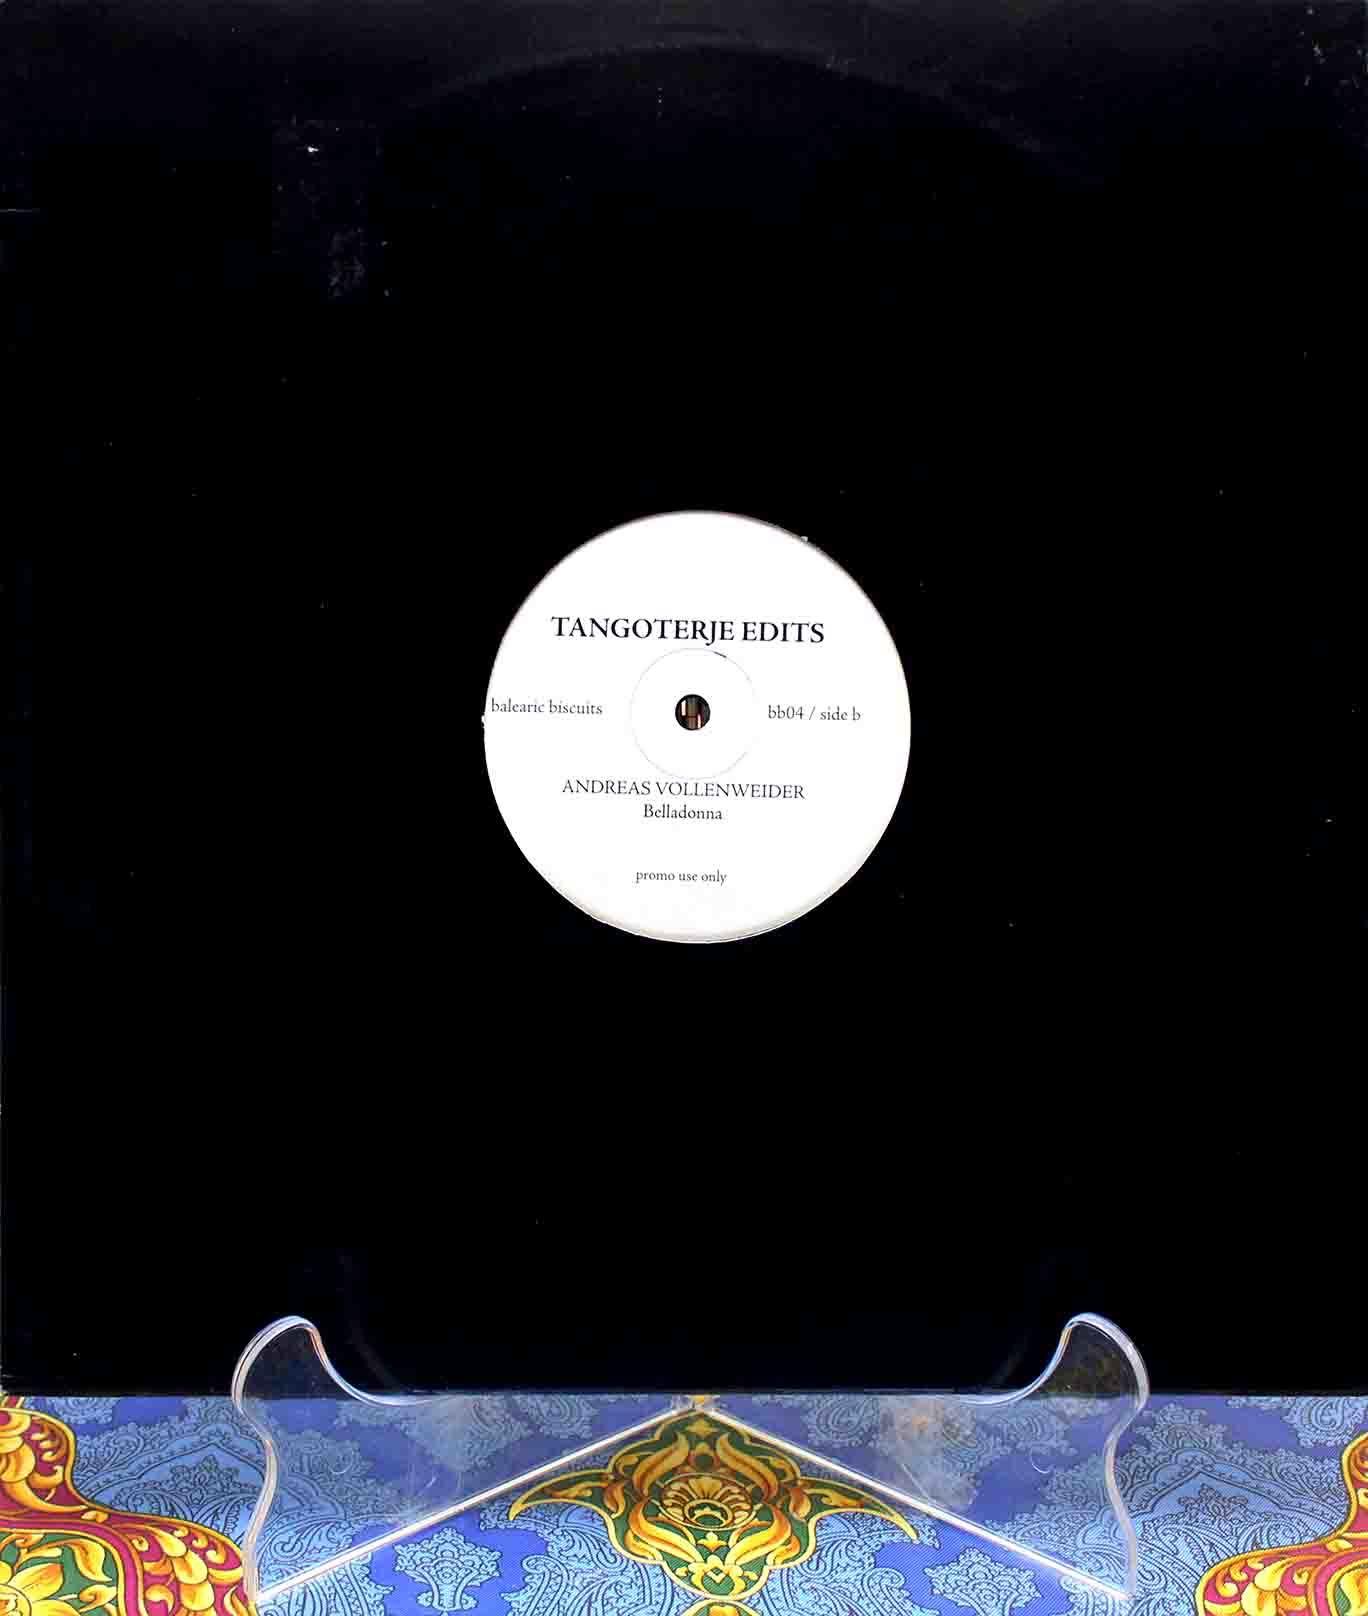 Andreas Vollenweider – Belladonna (Tangoterje Edits) 01